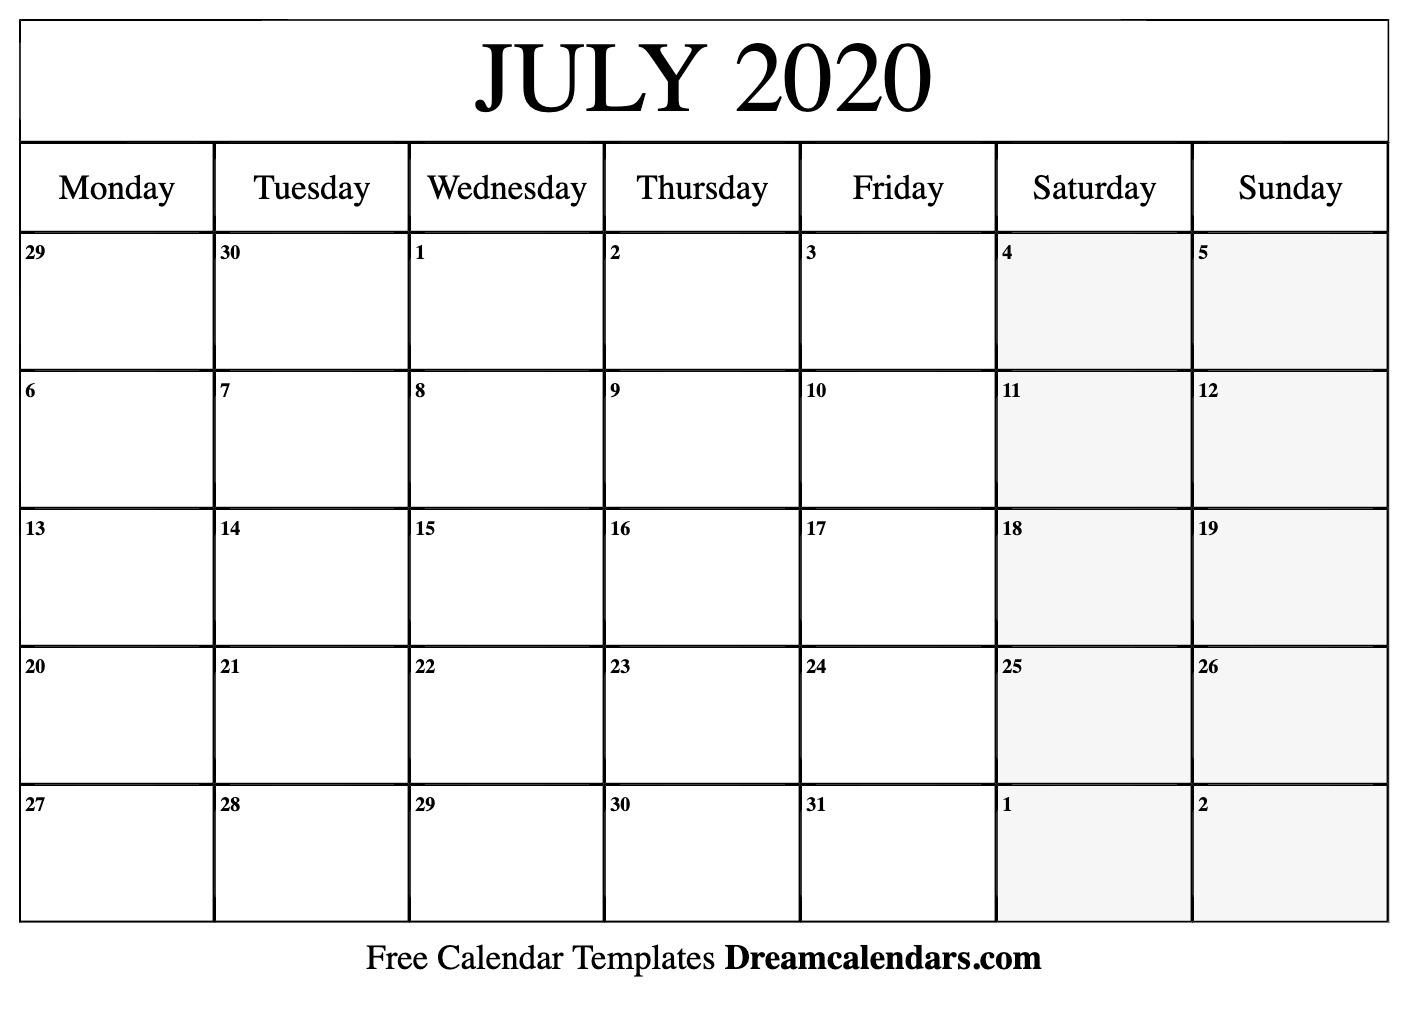 Free Blank July 2020 Printable Calendar throughout Kalendar Kuda July 2020